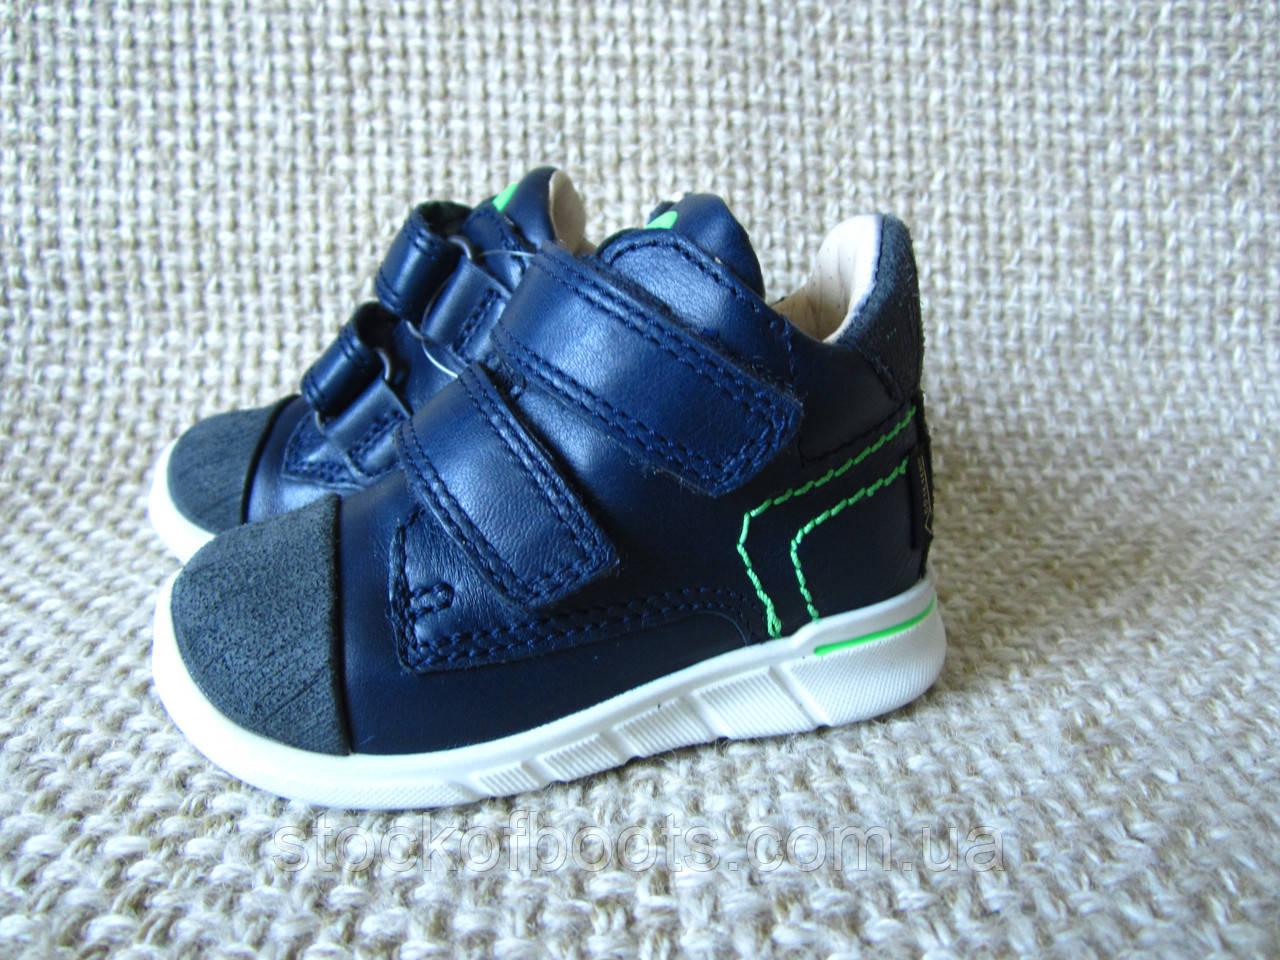 df1d1b3e5a9cf7 Пінетки кросівки черевички для хлопчика шкіряні ecco first gore-tex 754161  розмір 19